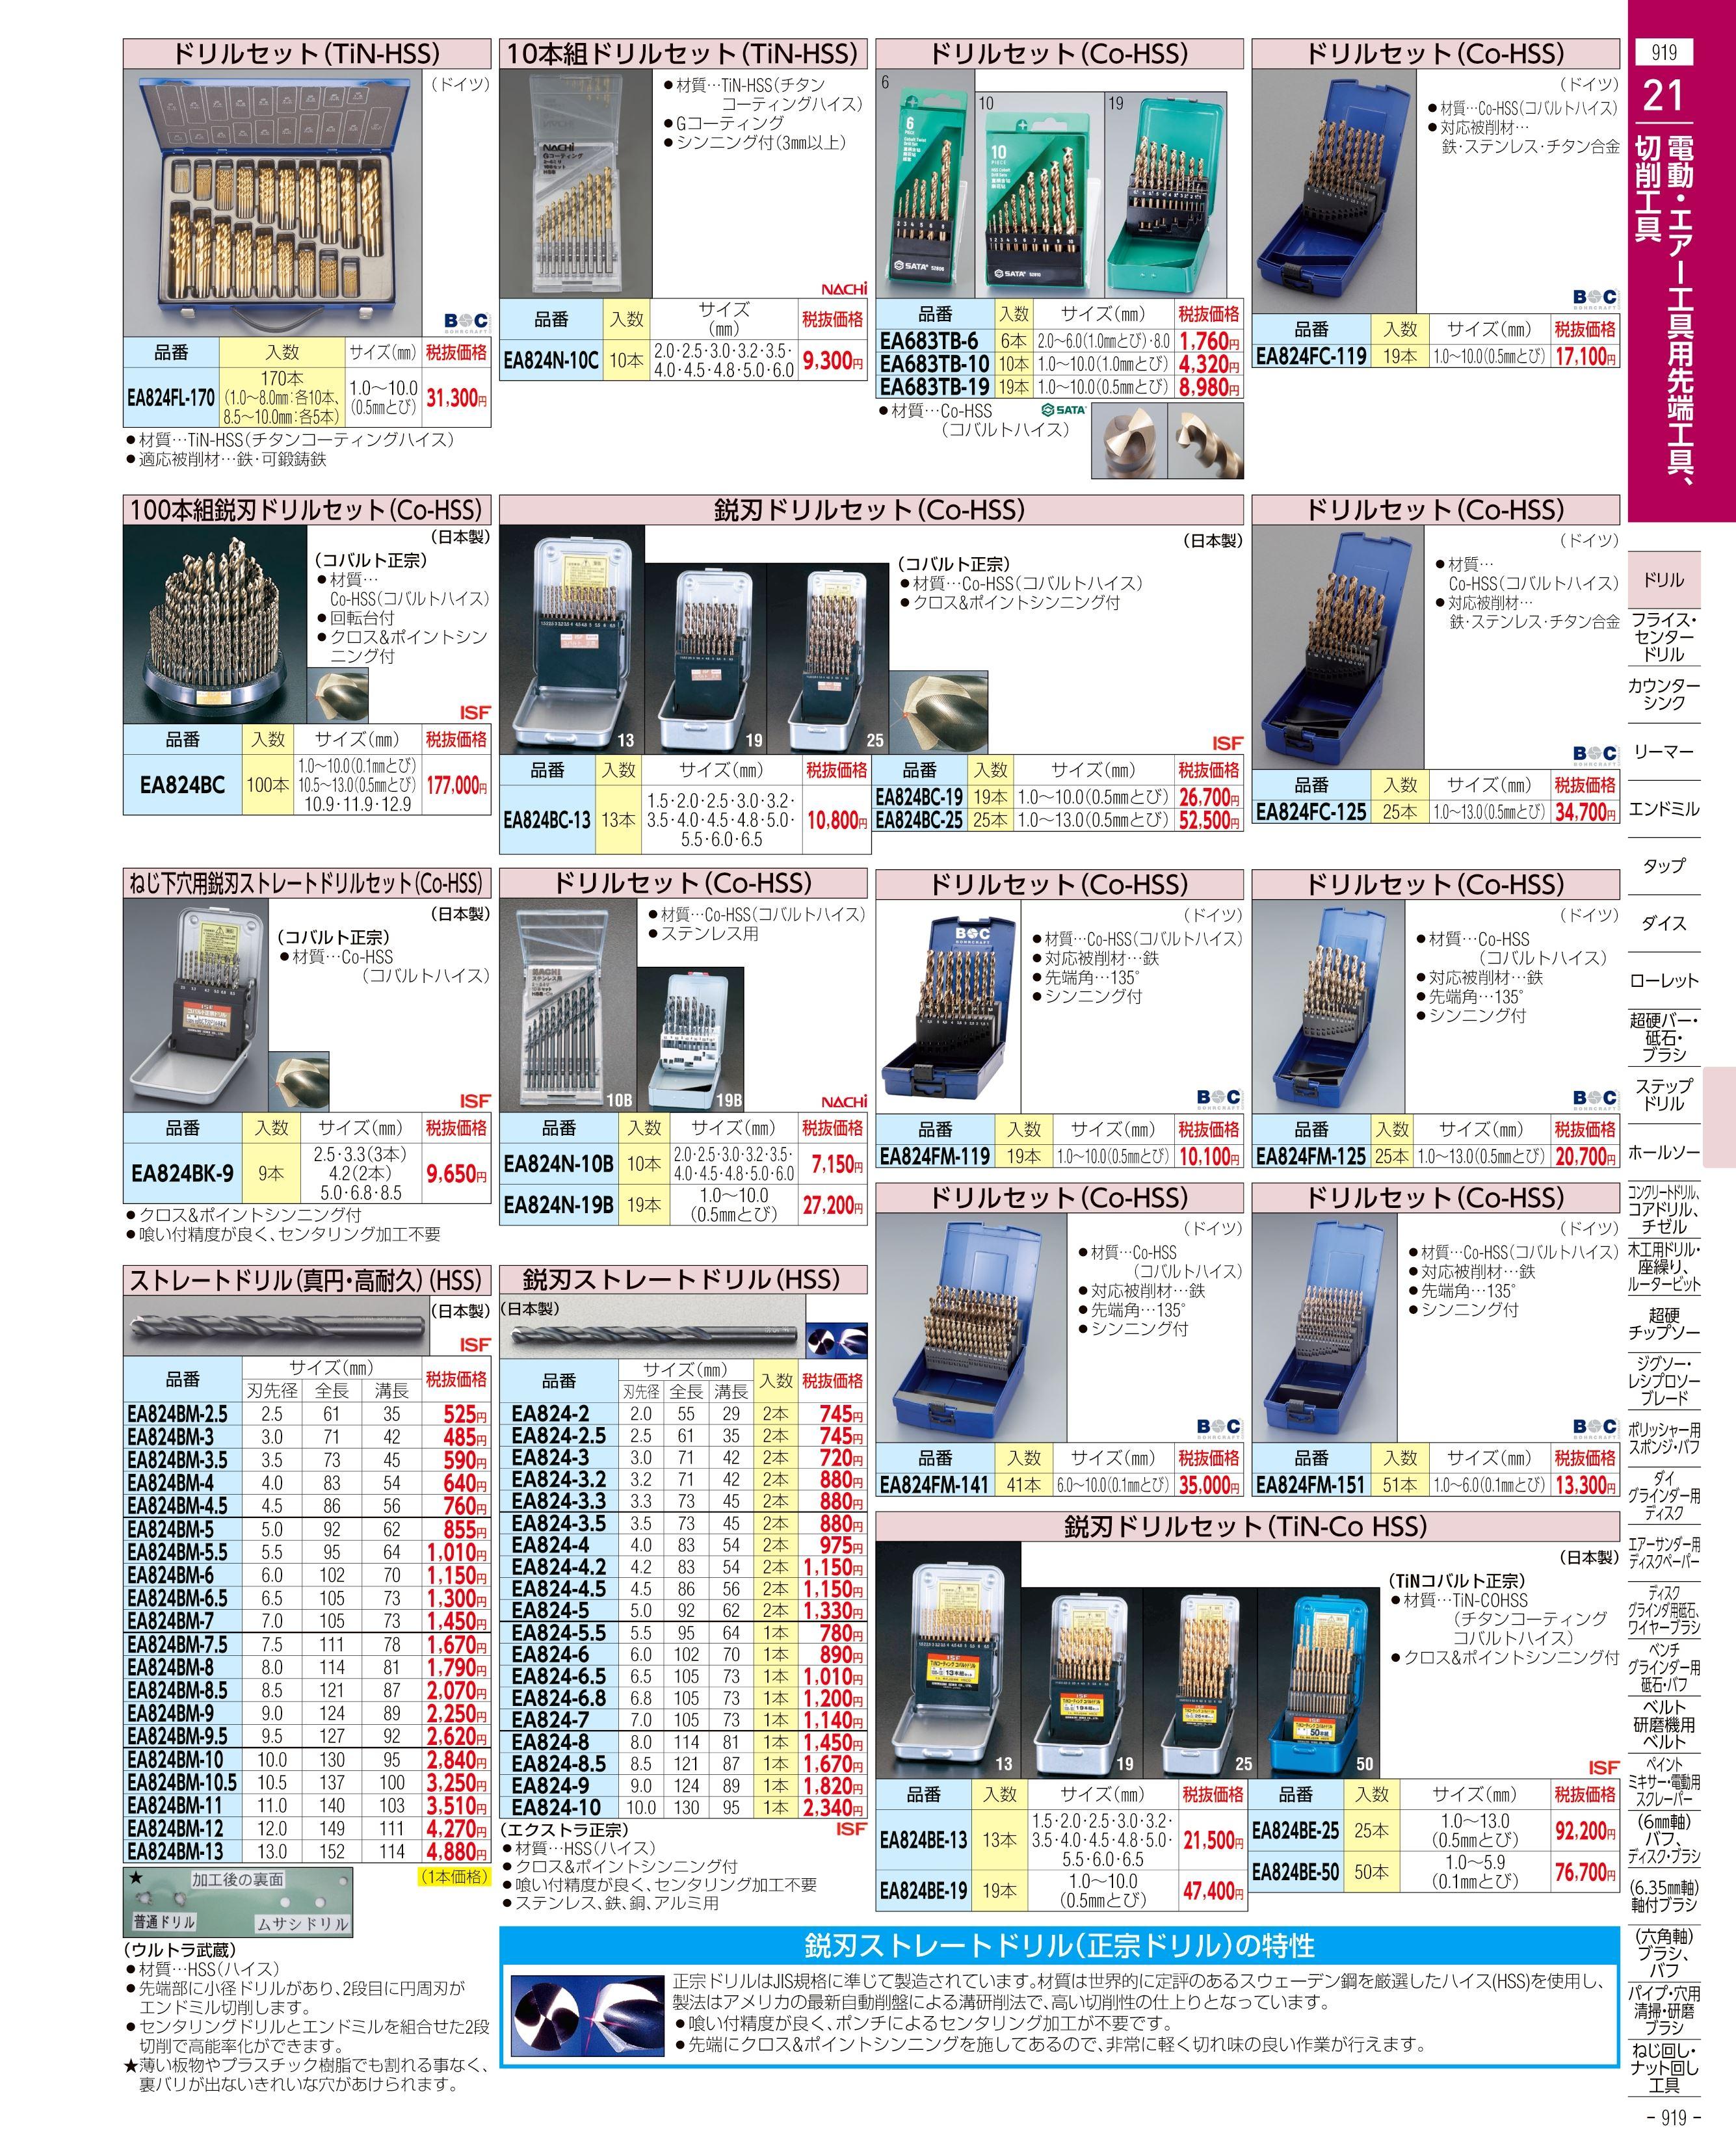 エスコ便利カタログ919ページ